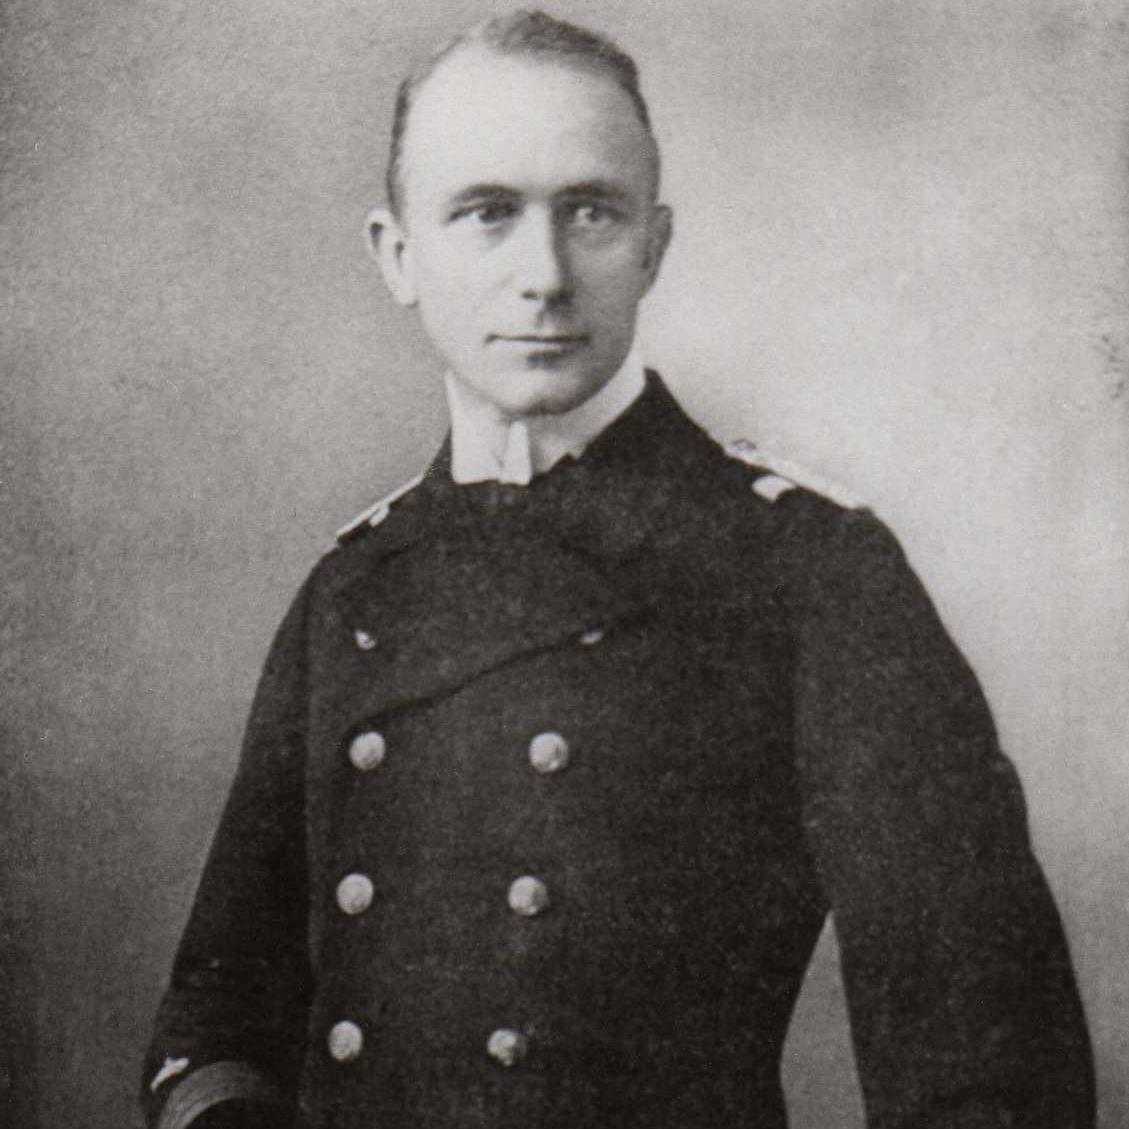 Captain Karl von Müller